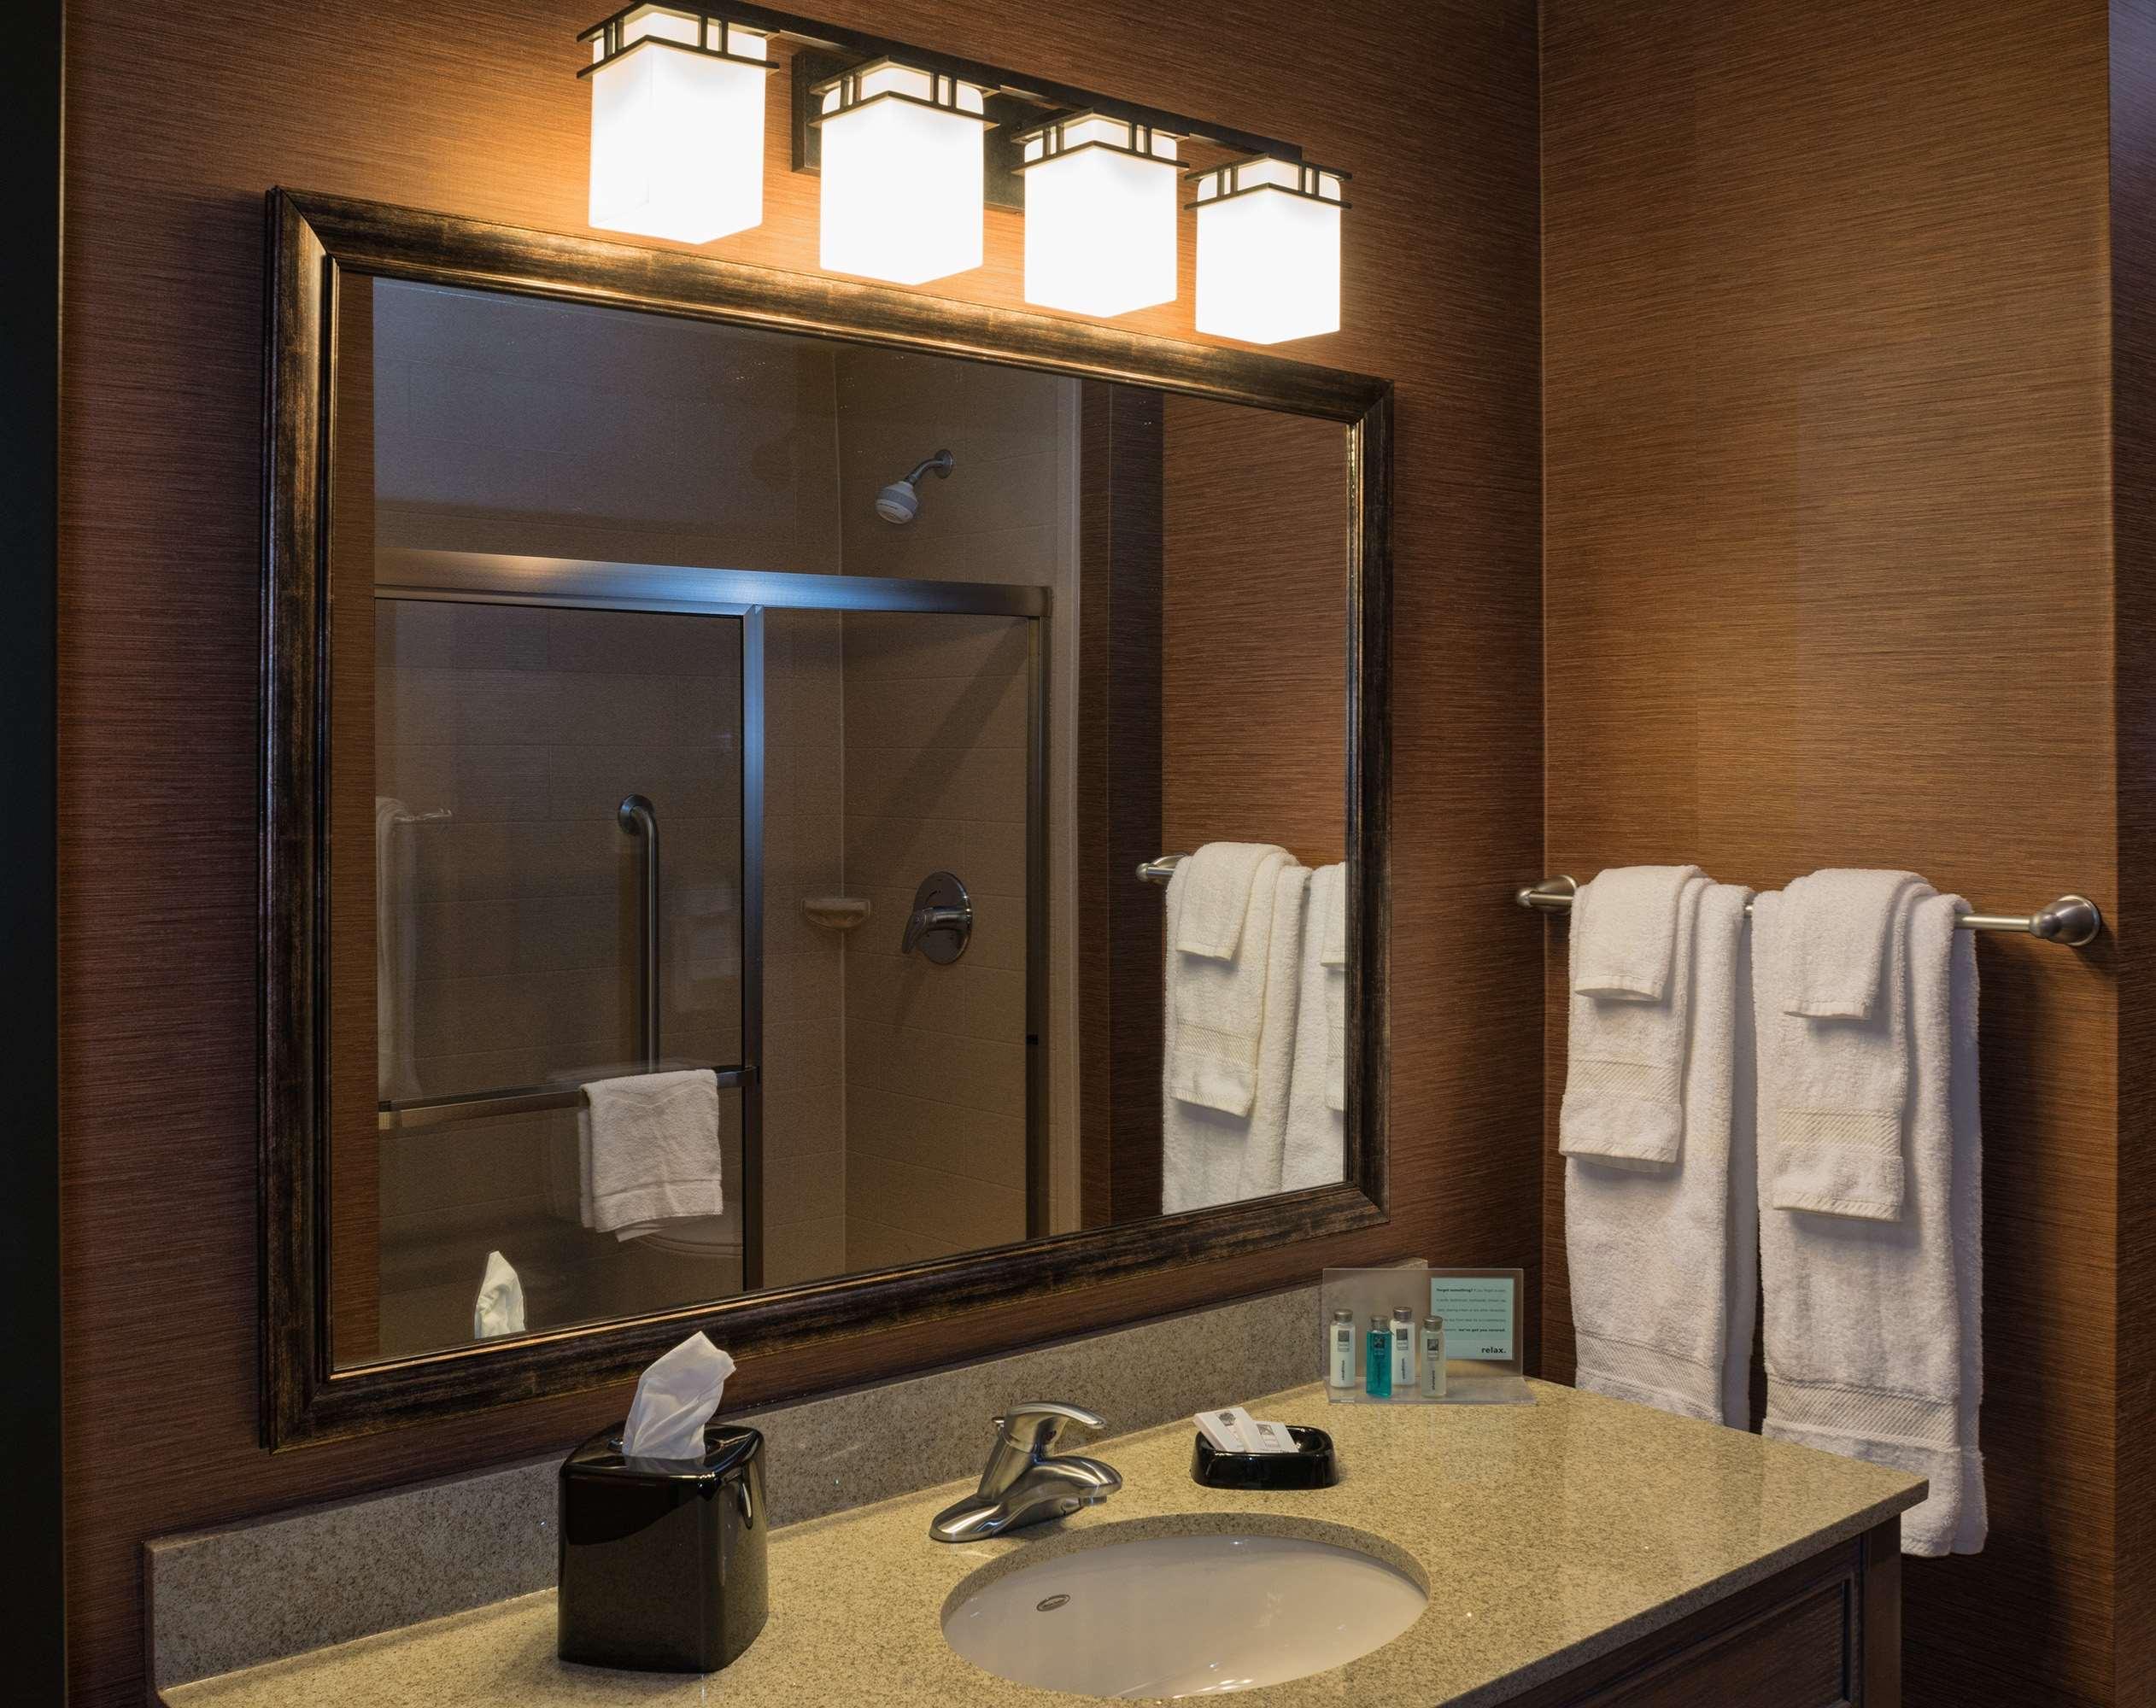 Hampton Inn & Suites Springdale/Zion National Park image 21